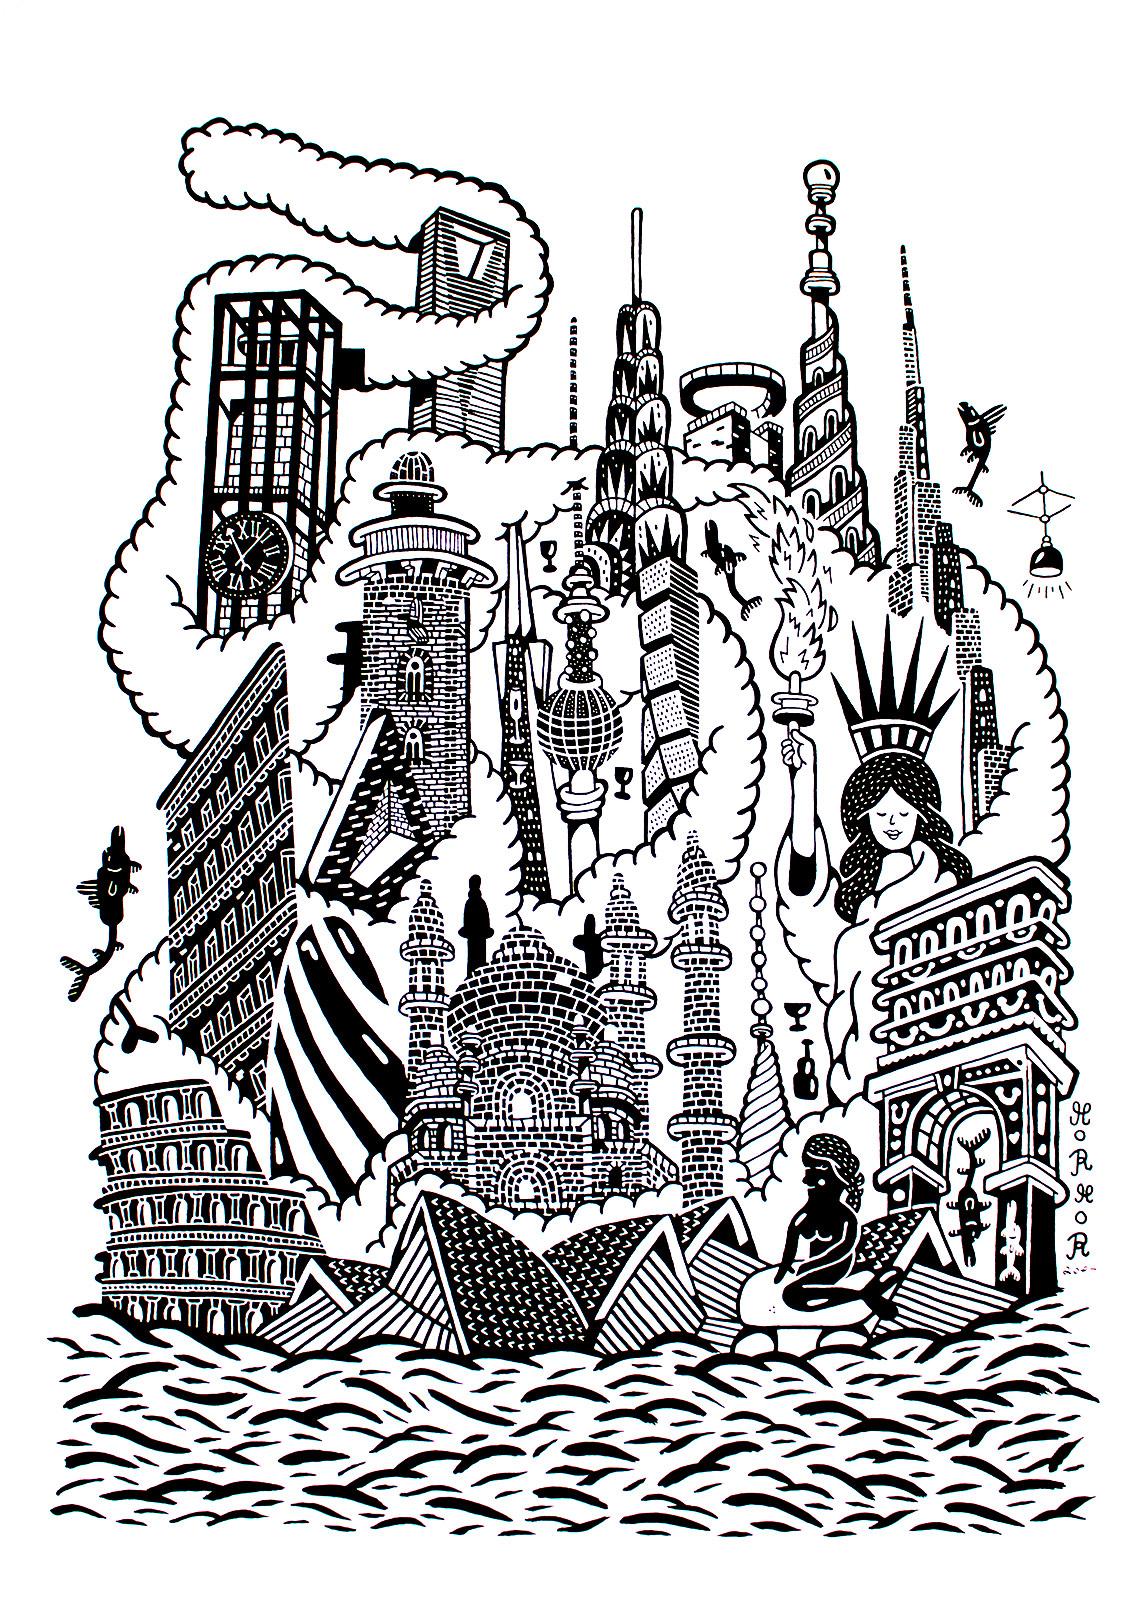 kunsttryk, gliceé, geometriske, monokrome, arkitektur, humor, havet, sorte, hvide, blæk, papir, sjove, arkitektoniske, sort-hvide, dansk, dekorative, design, fisk, interiør, bolig-indretning, nordisk, skandinavisk, vand, Køb original kunst og kunstplakater. Malerier, tegninger, limited edition kunsttryk & plakater af dygtige kunstnere.